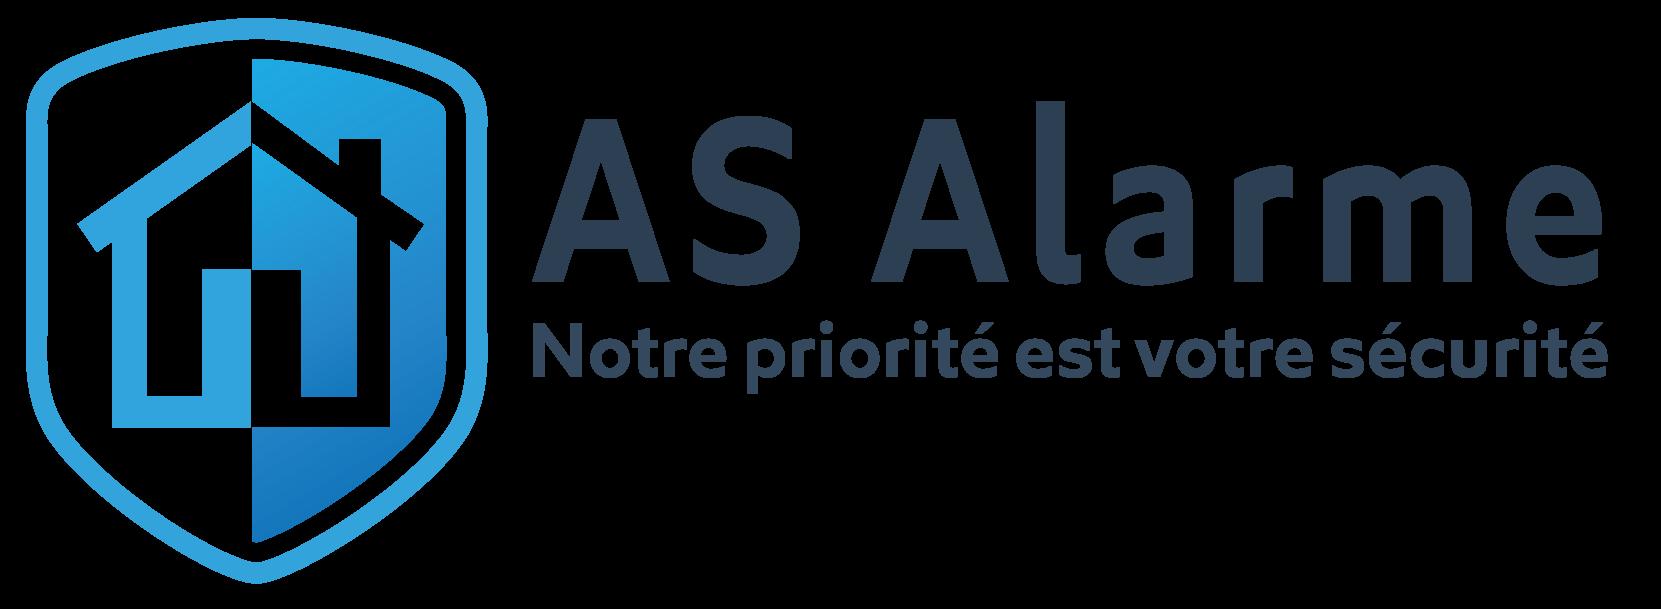 AS Alarme: vente, installation alarme anti-intrusion - Cachan Chelles, Le Vésinet Boulogne Billancourt Paris, Ile de France